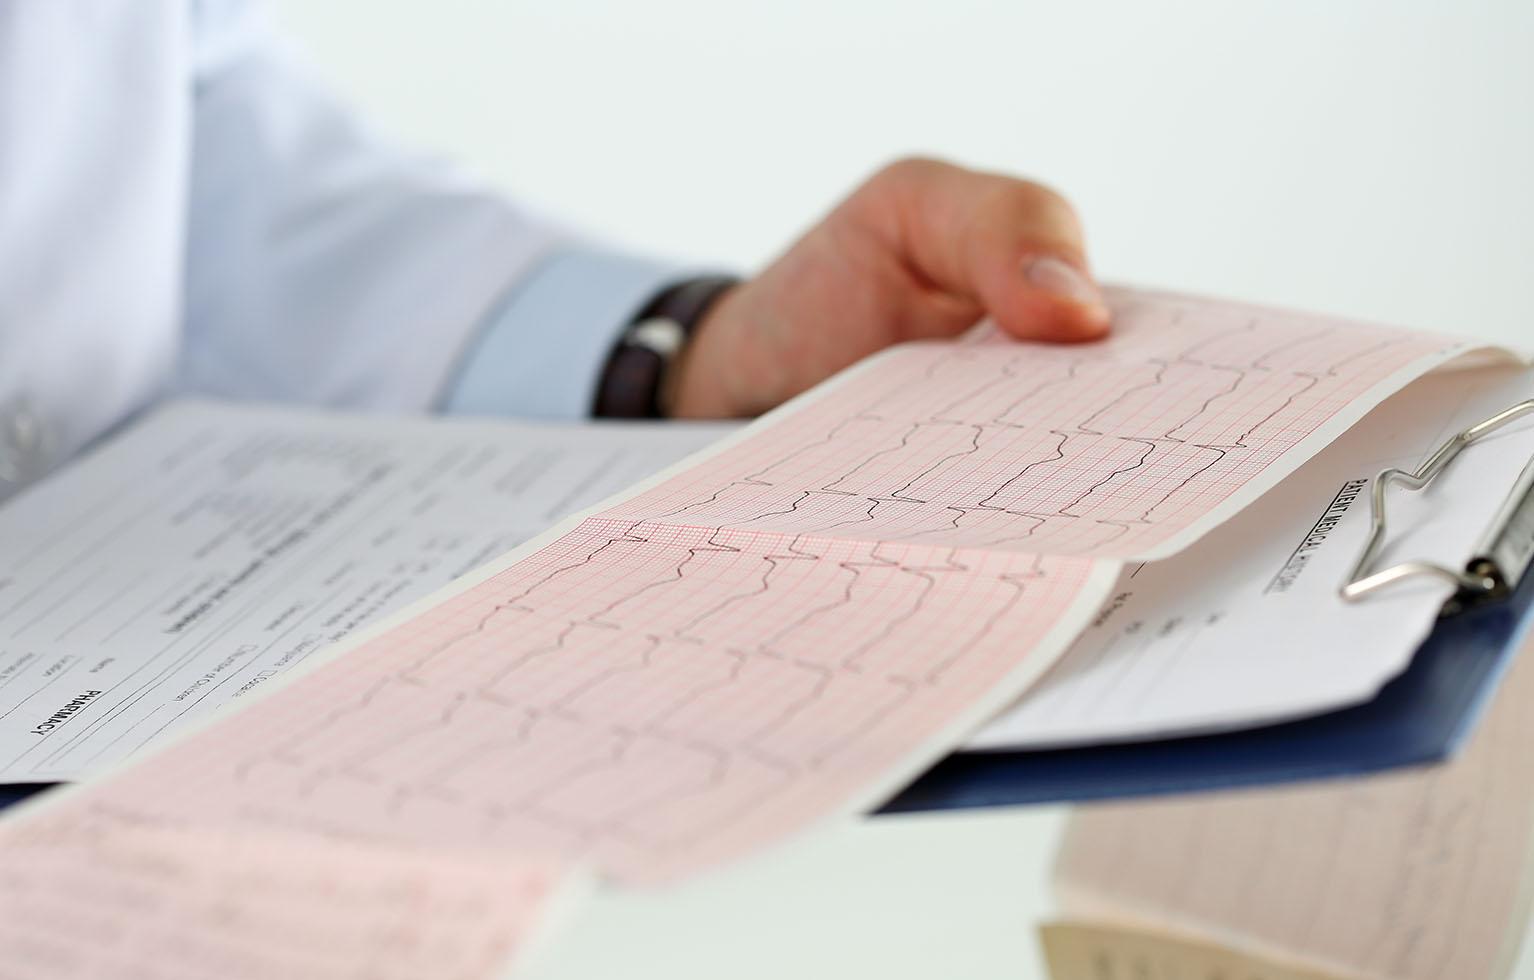 Cardiology Technician